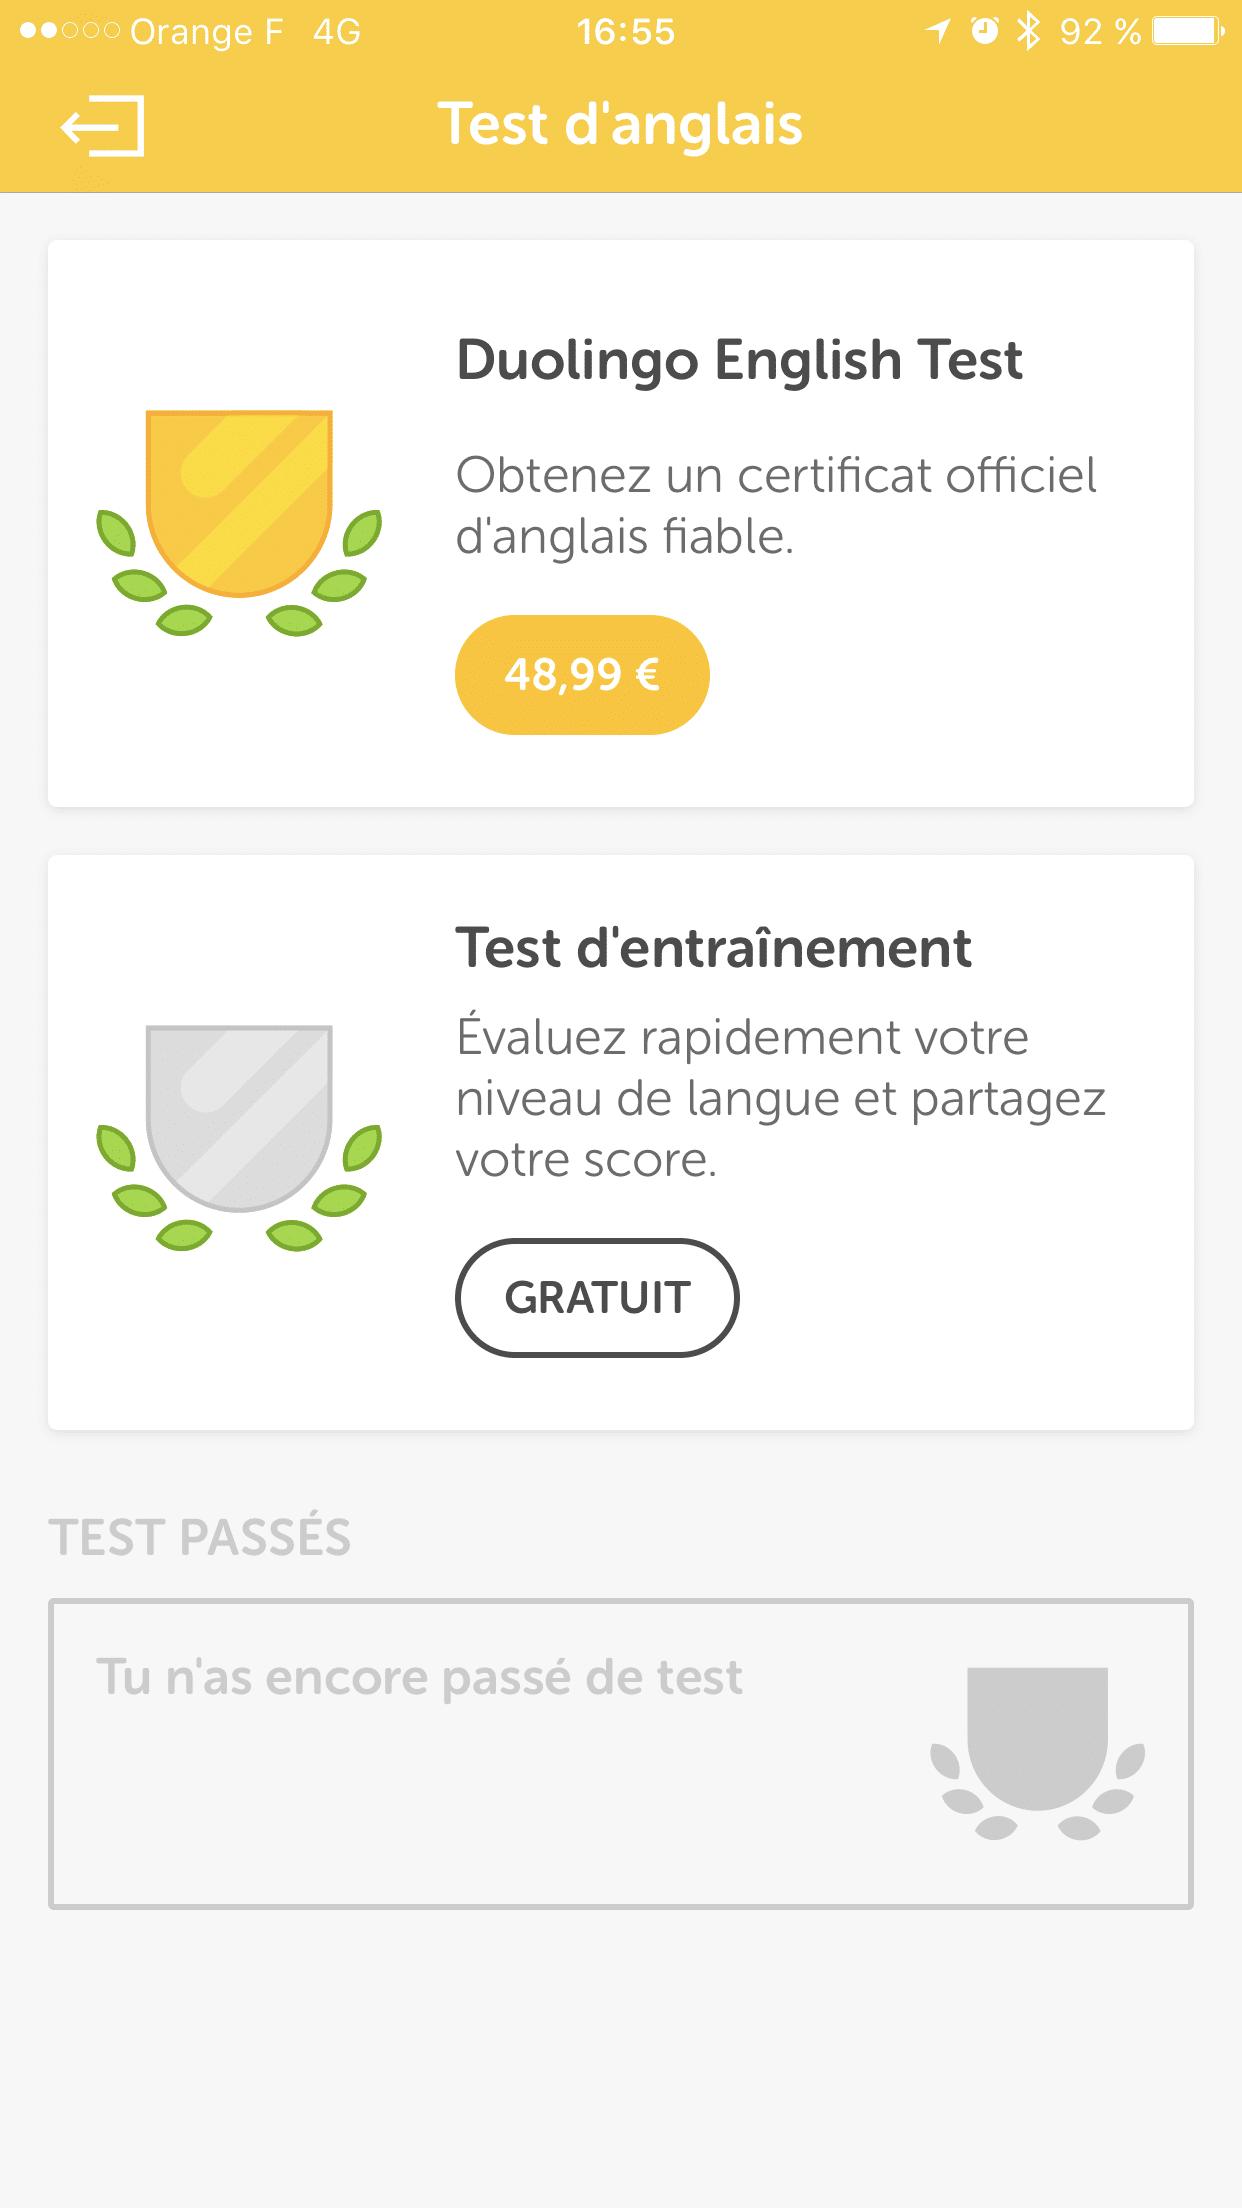 Duolingo-English-test